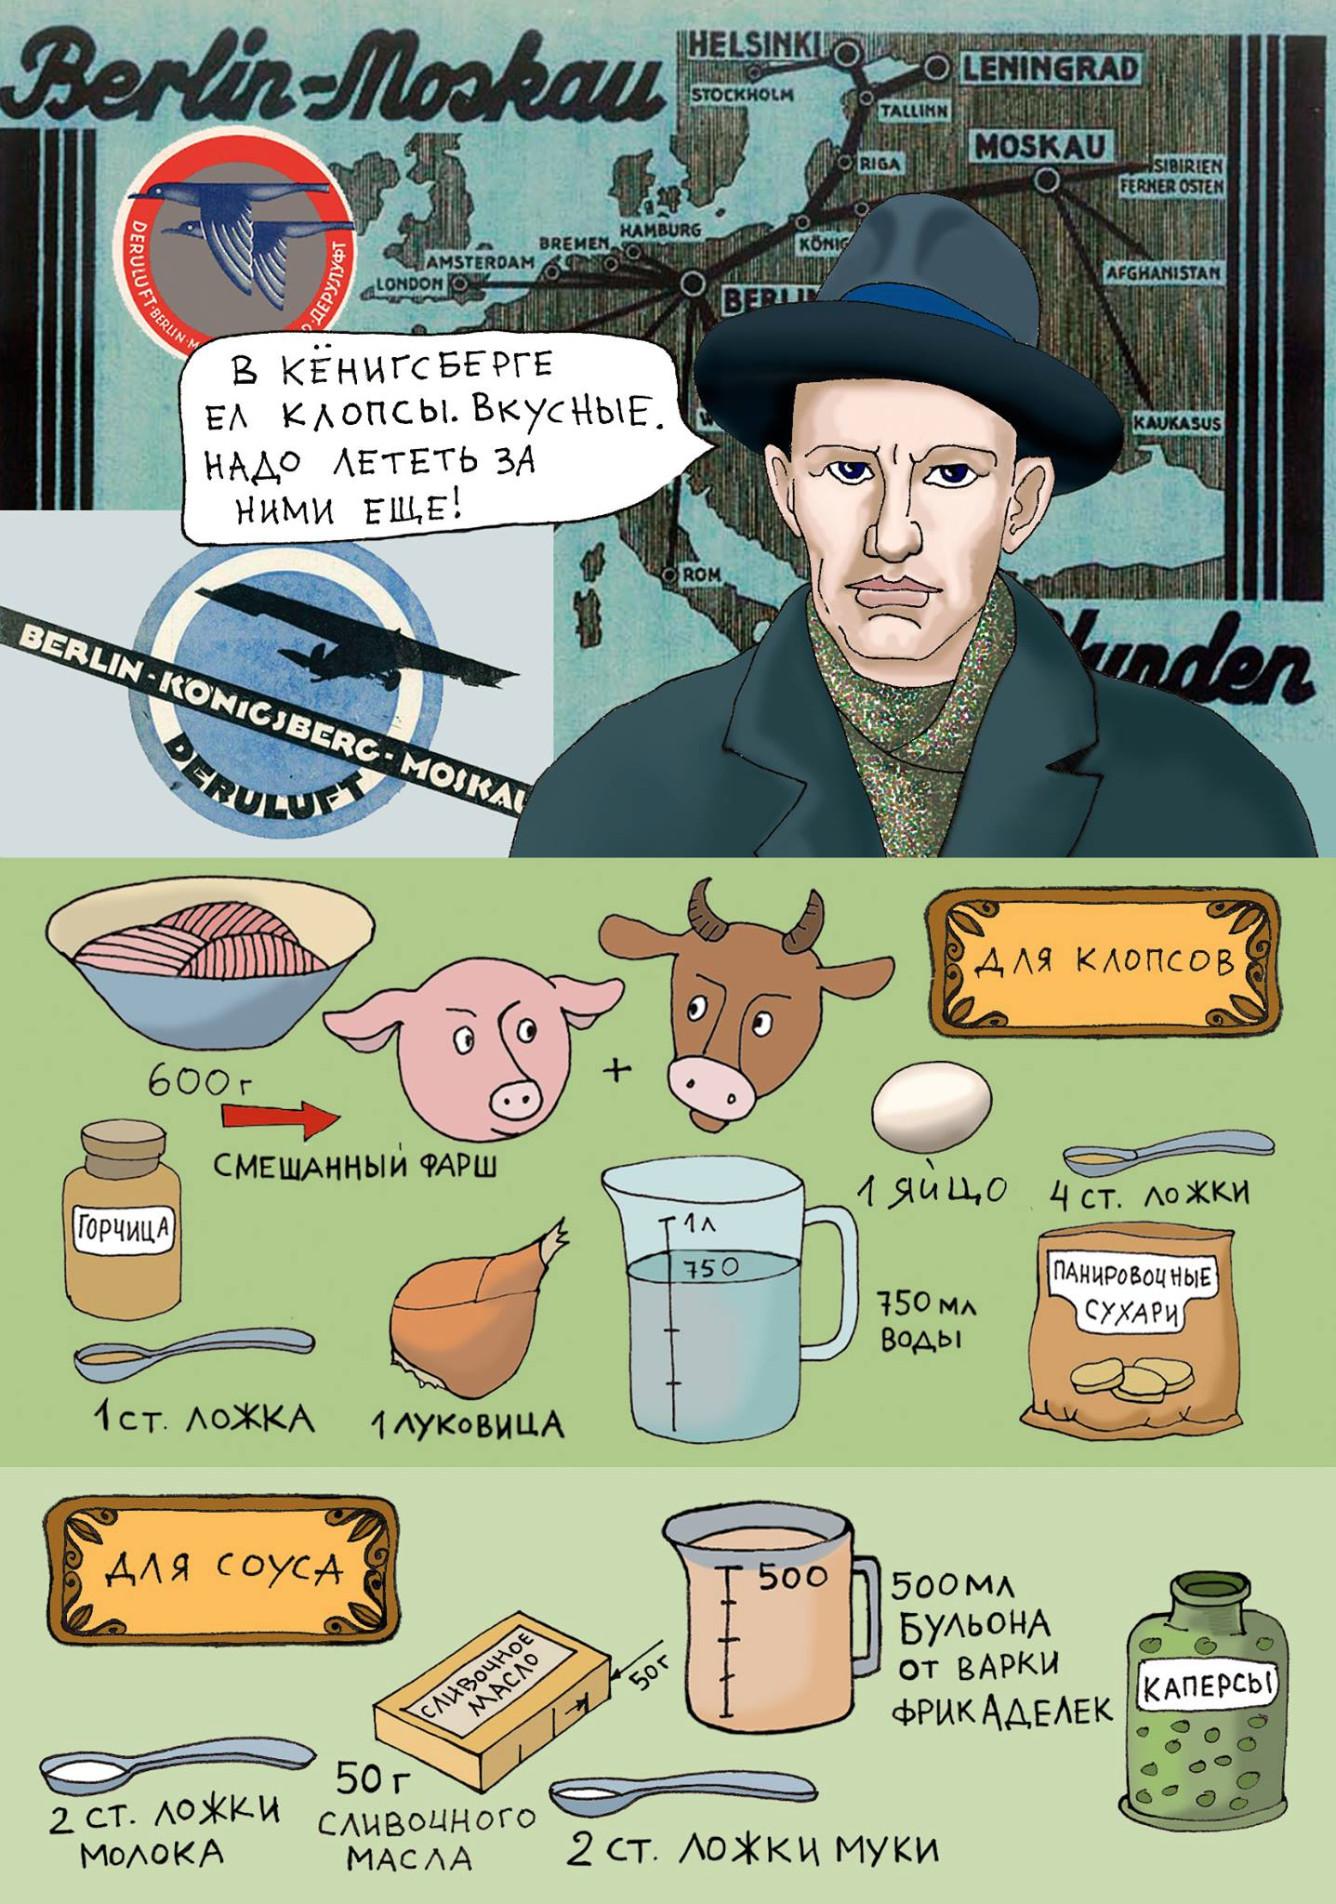 Прусские кулинарные рецепты с картинками от Ольги Дмитриевой